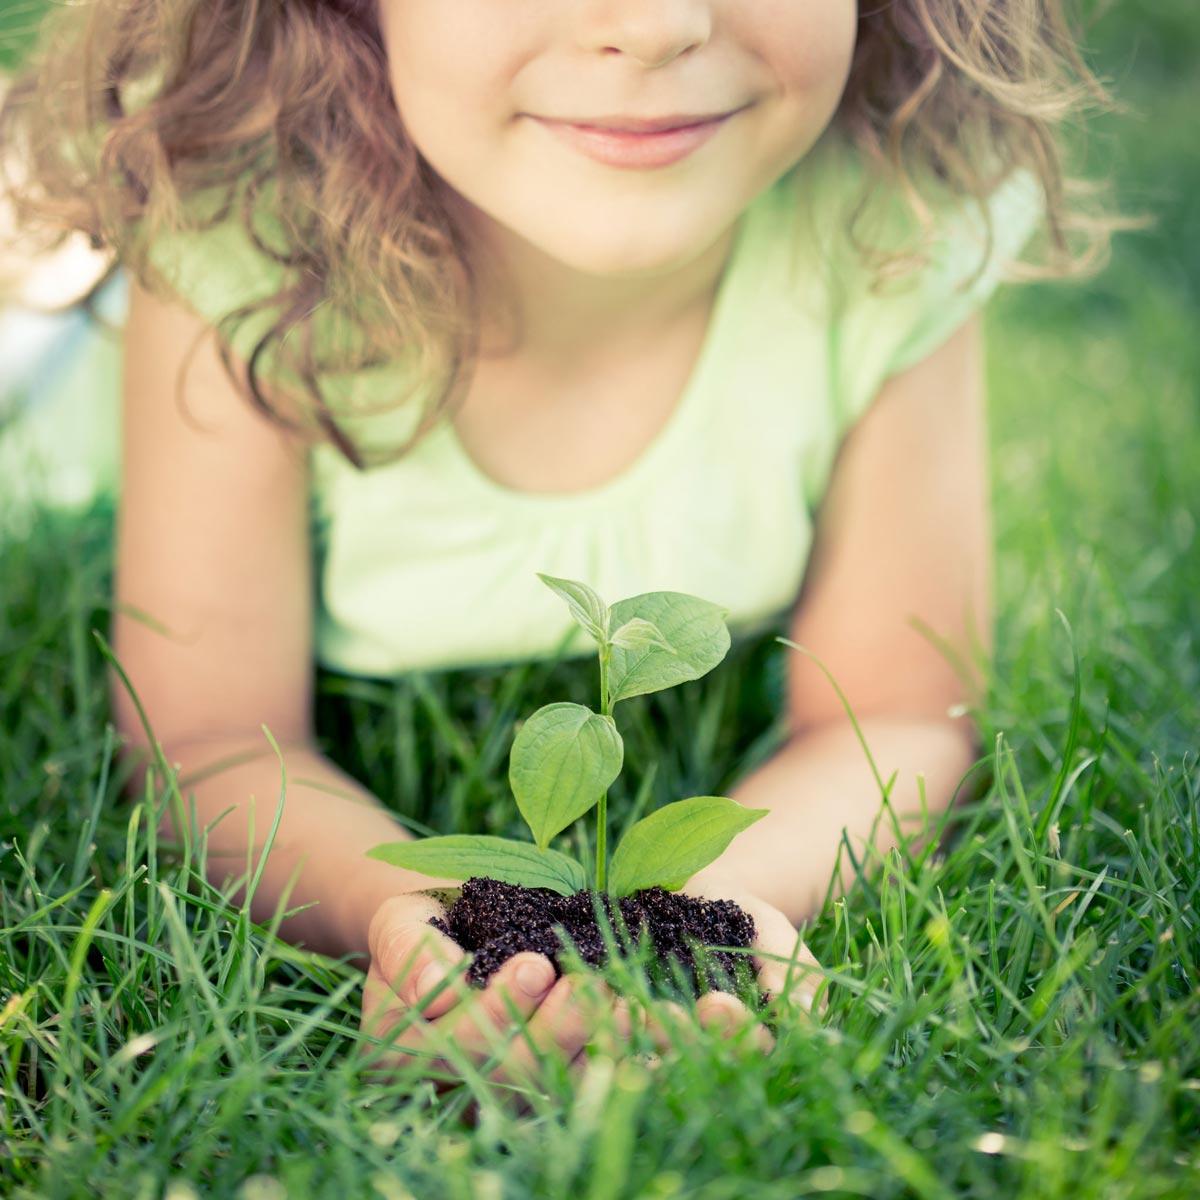 Juegos con niños y niñas para proteger el medioambiente